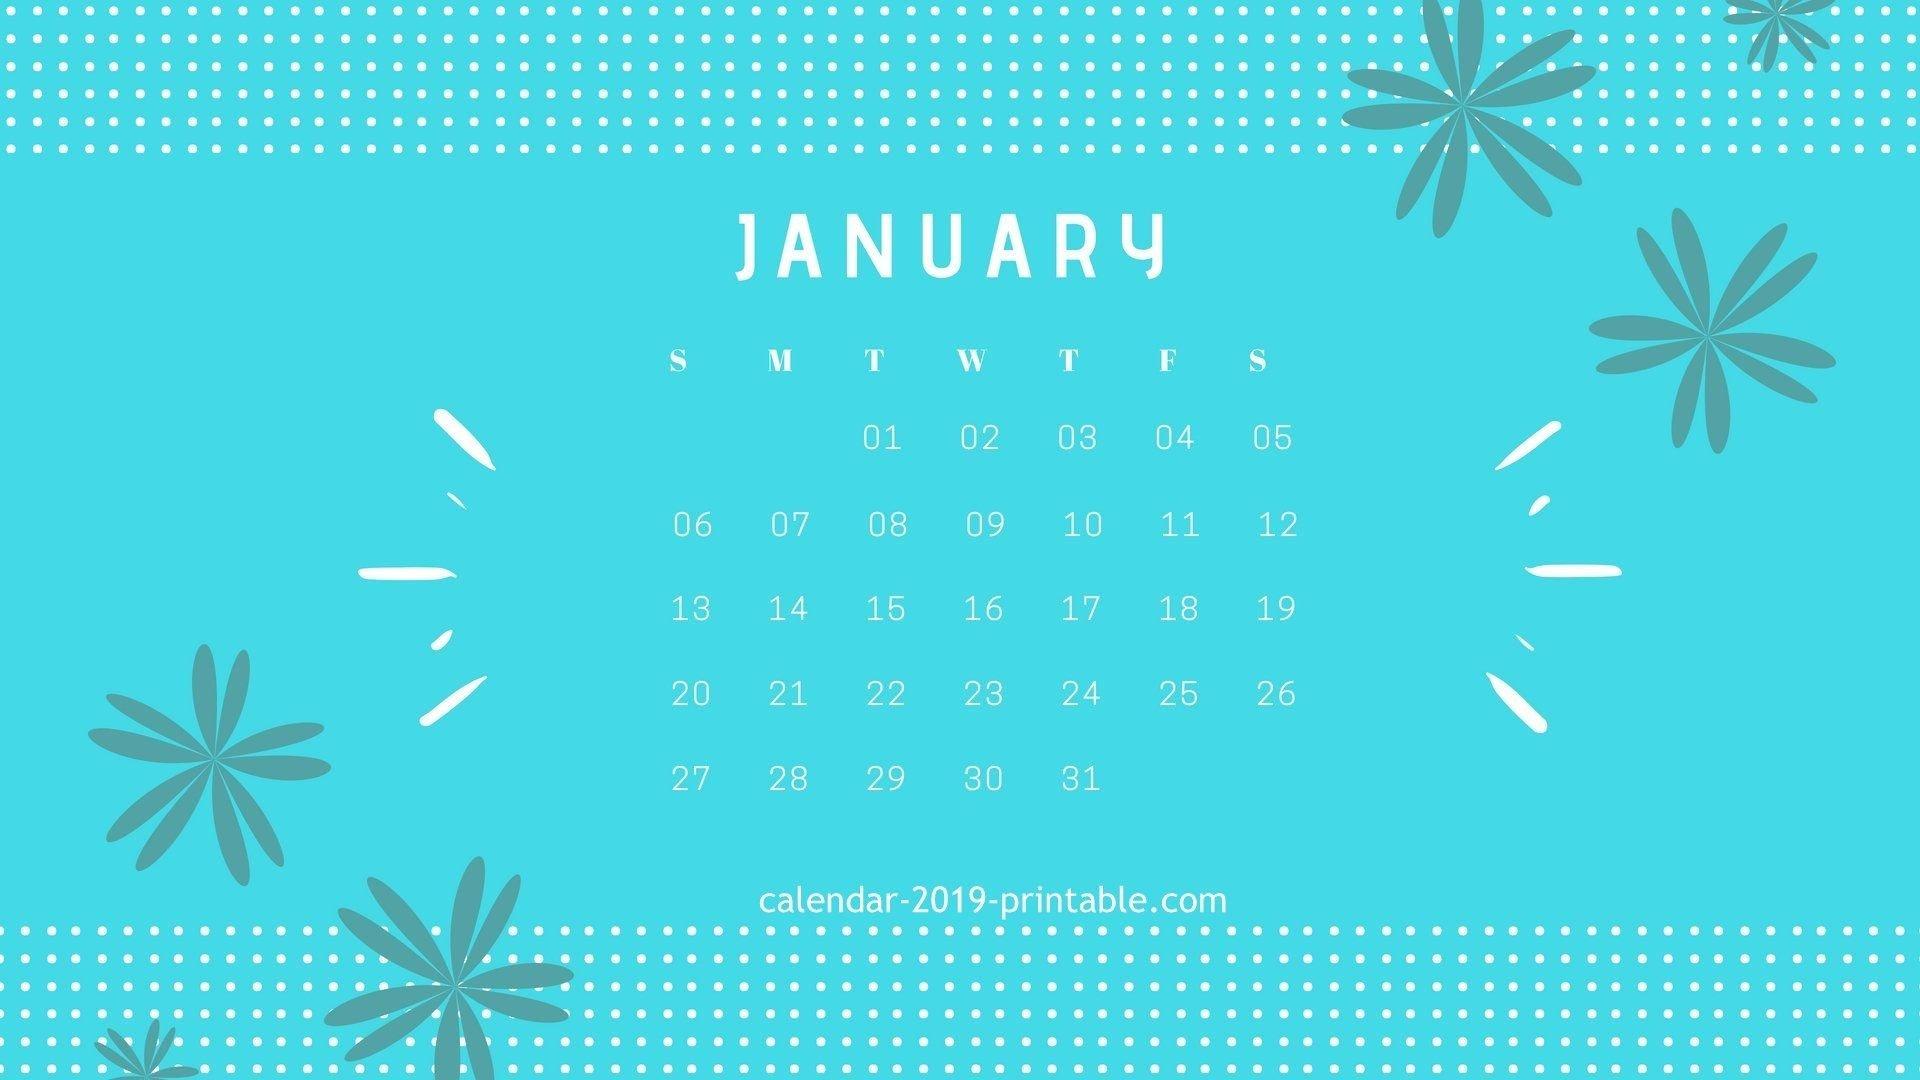 January 2019 Calendar Desktop Wallpapers Calendar 2019 Calendar 2019 On Computer